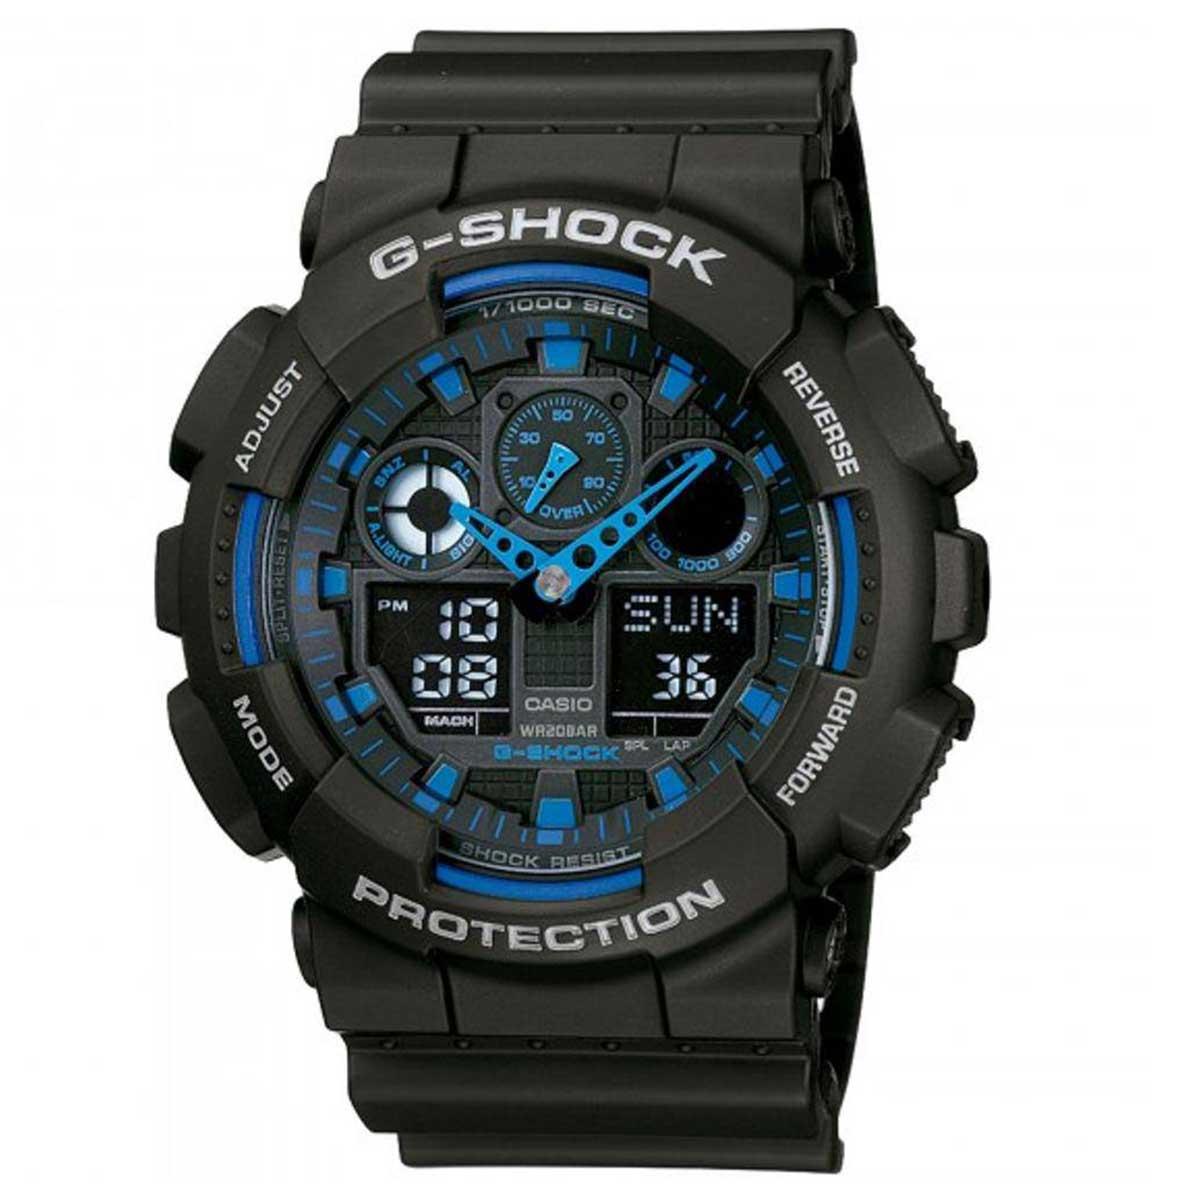 Relógio de Pulso Masculino Casio G-Shock GA-100-1A2DR - Preto com Azul